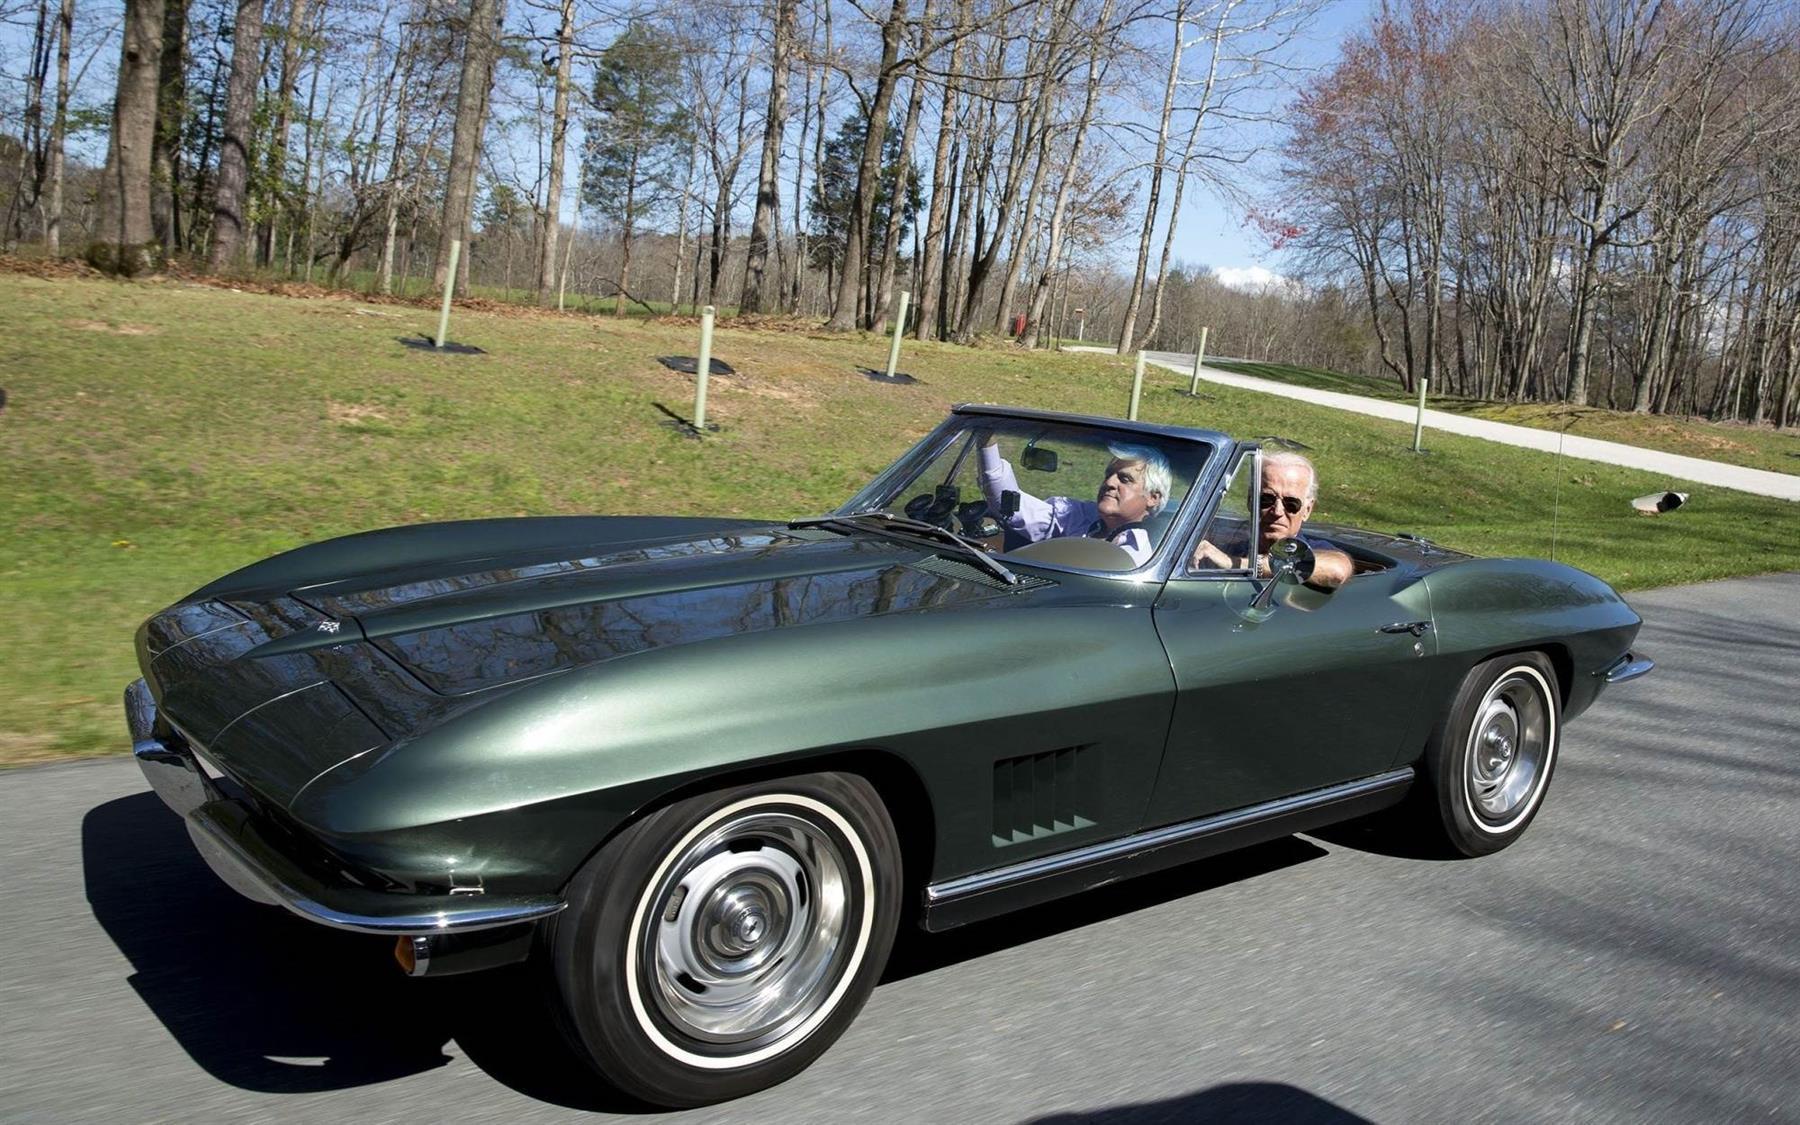 Chevrolet Corvette Stingray je posledné auto, ktoré patrilo Joe Bidenovi